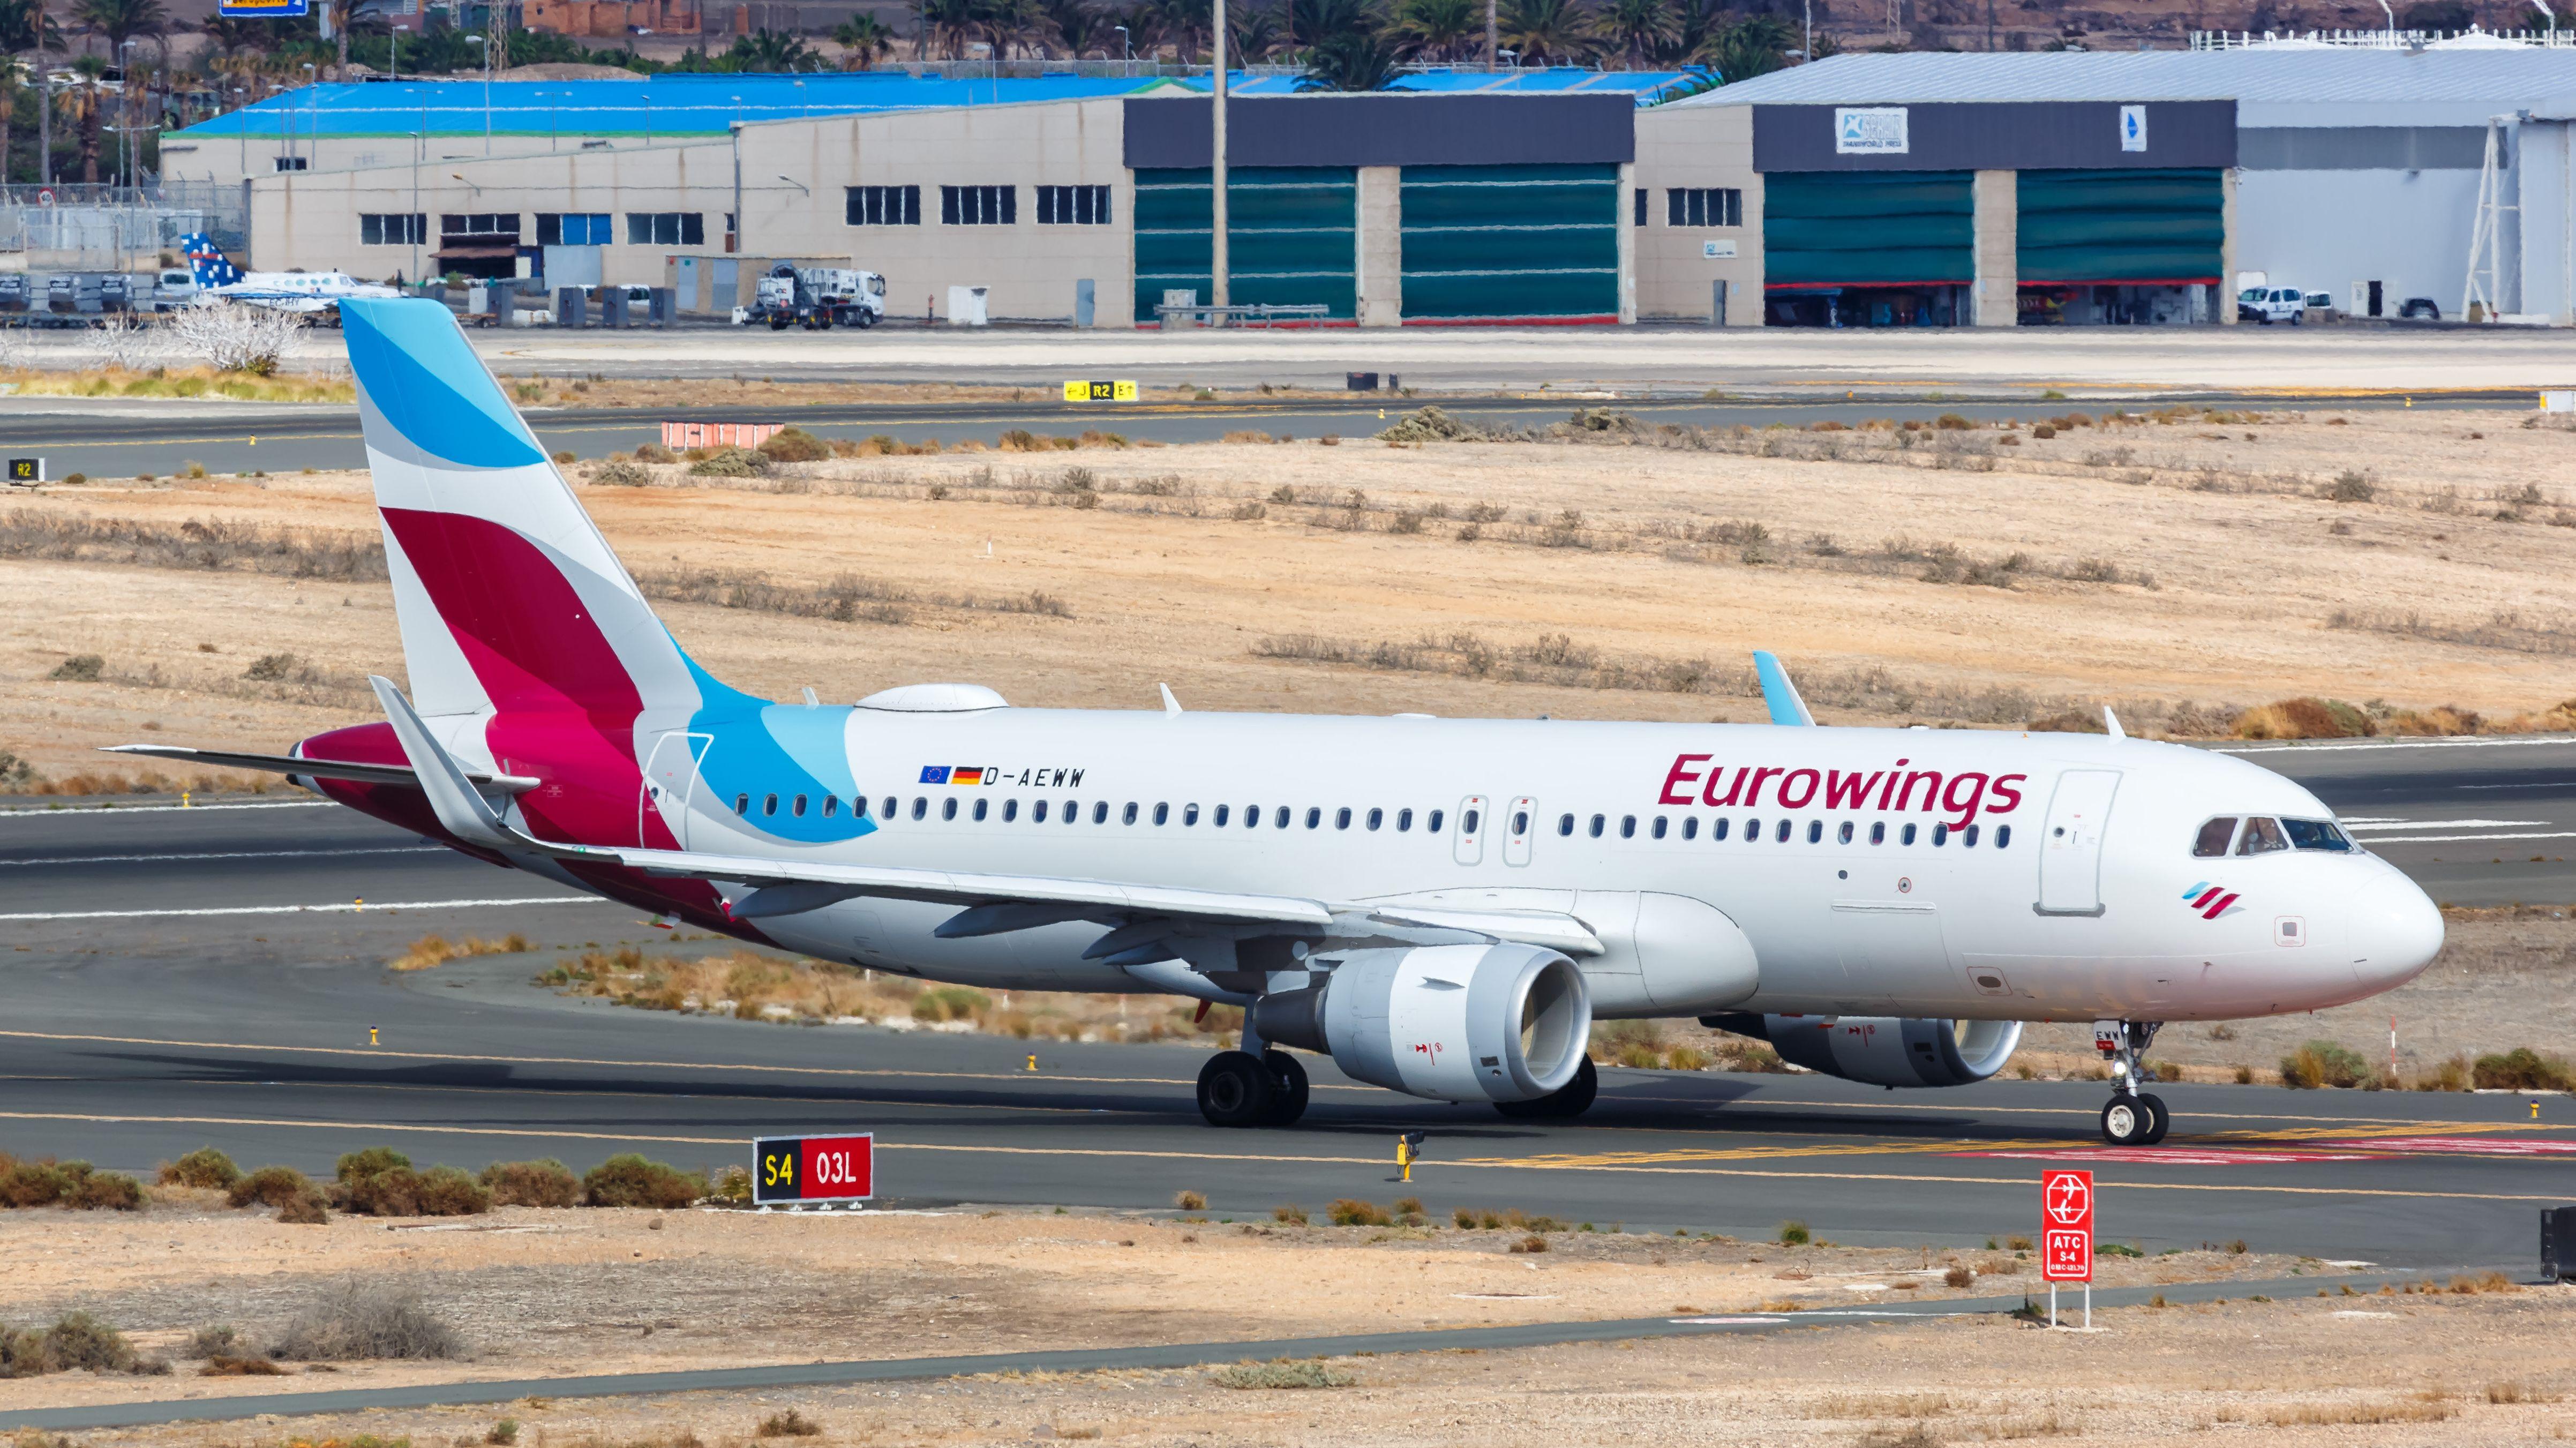 Eurowings-Flugzeug auf dem Flughafen Gran Canaria